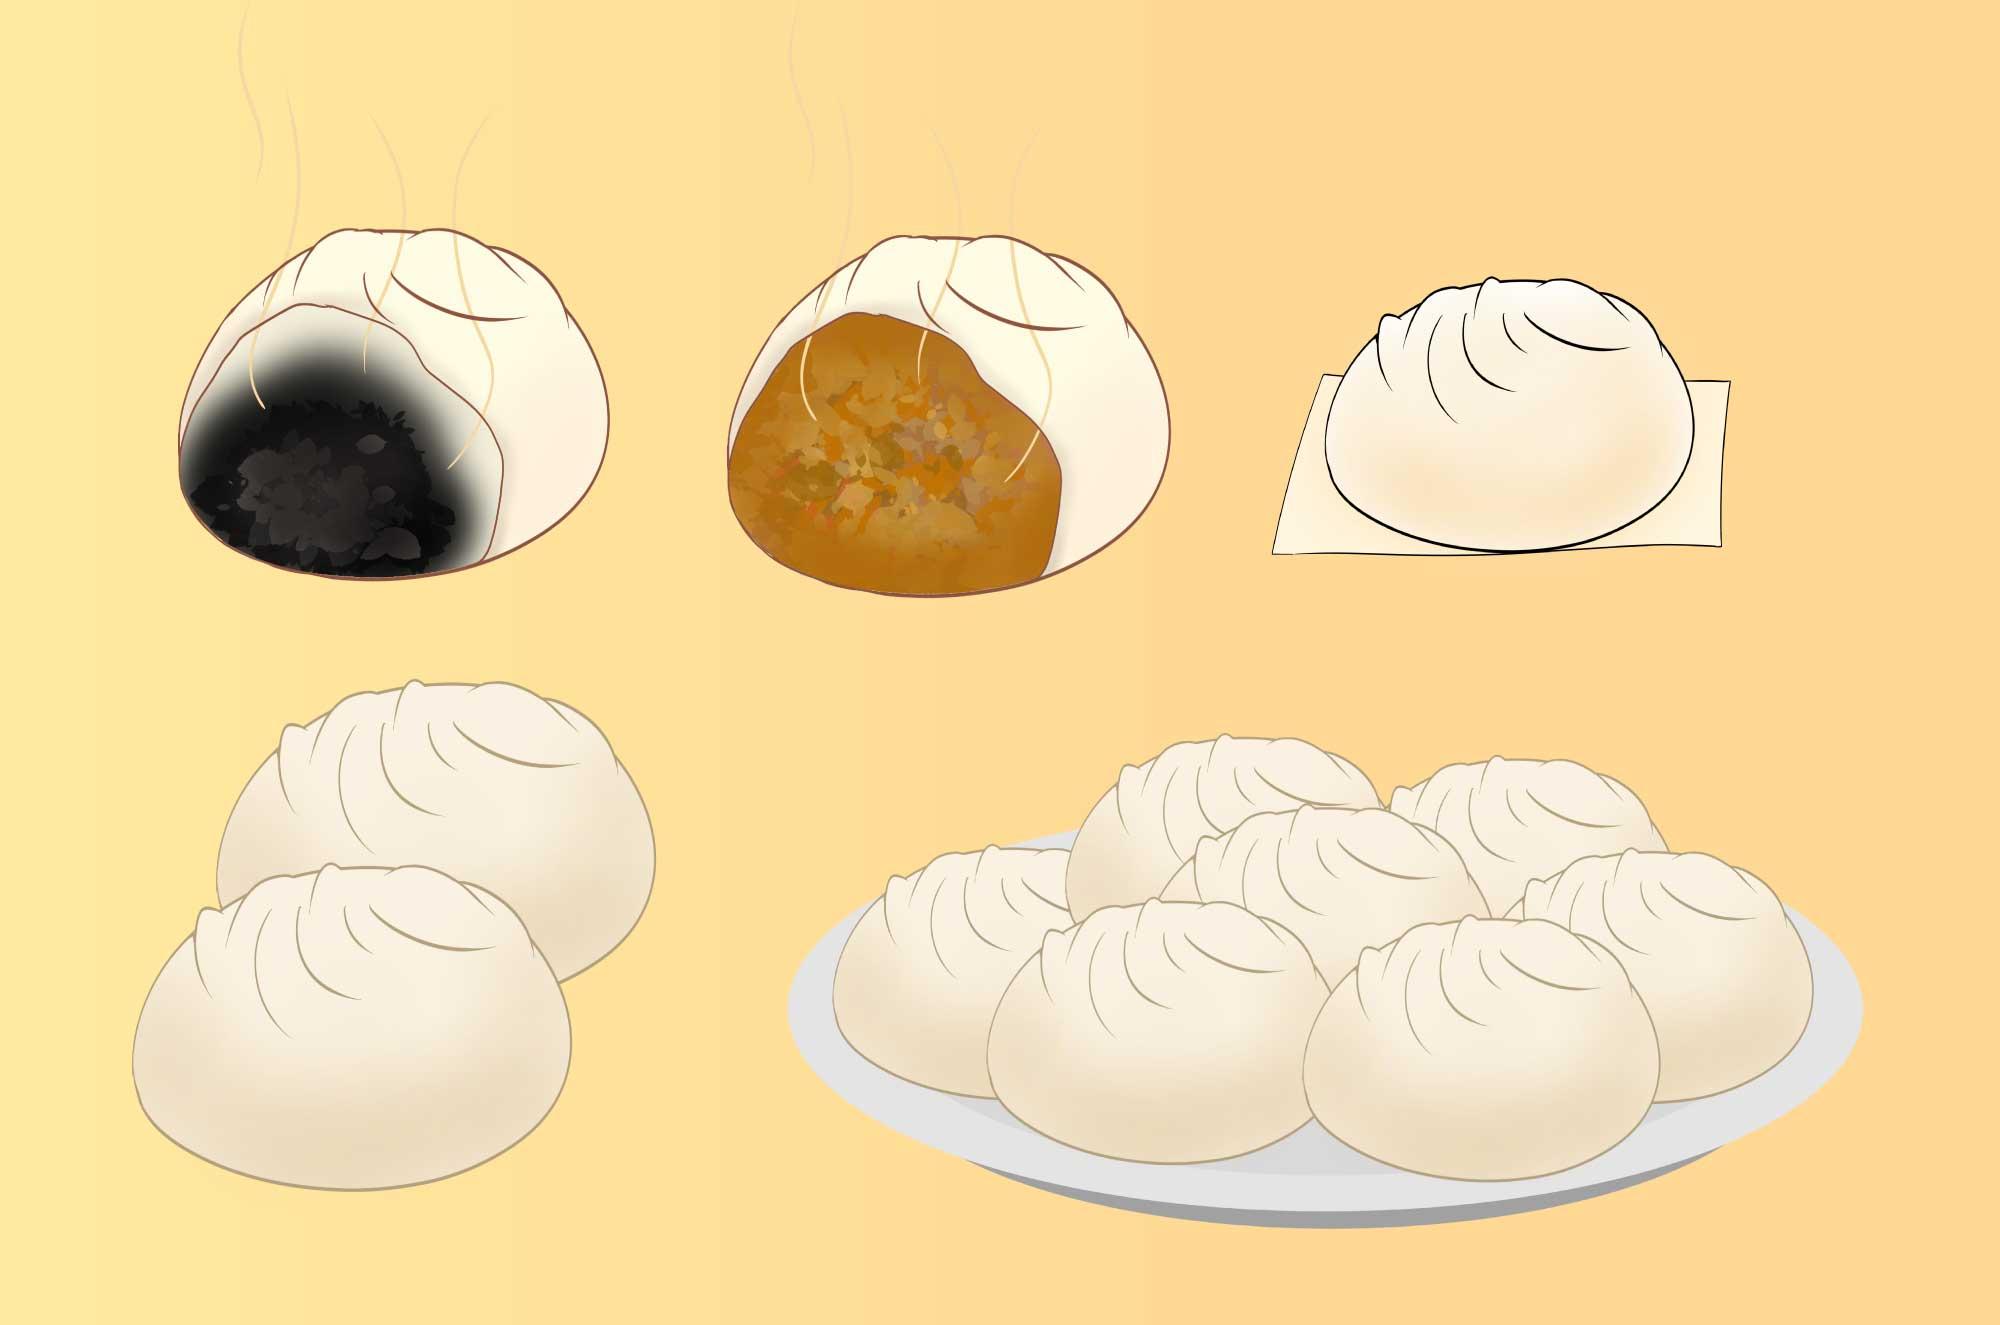 肉まんの無料イラスト - 熱々美味しそうな中華素材